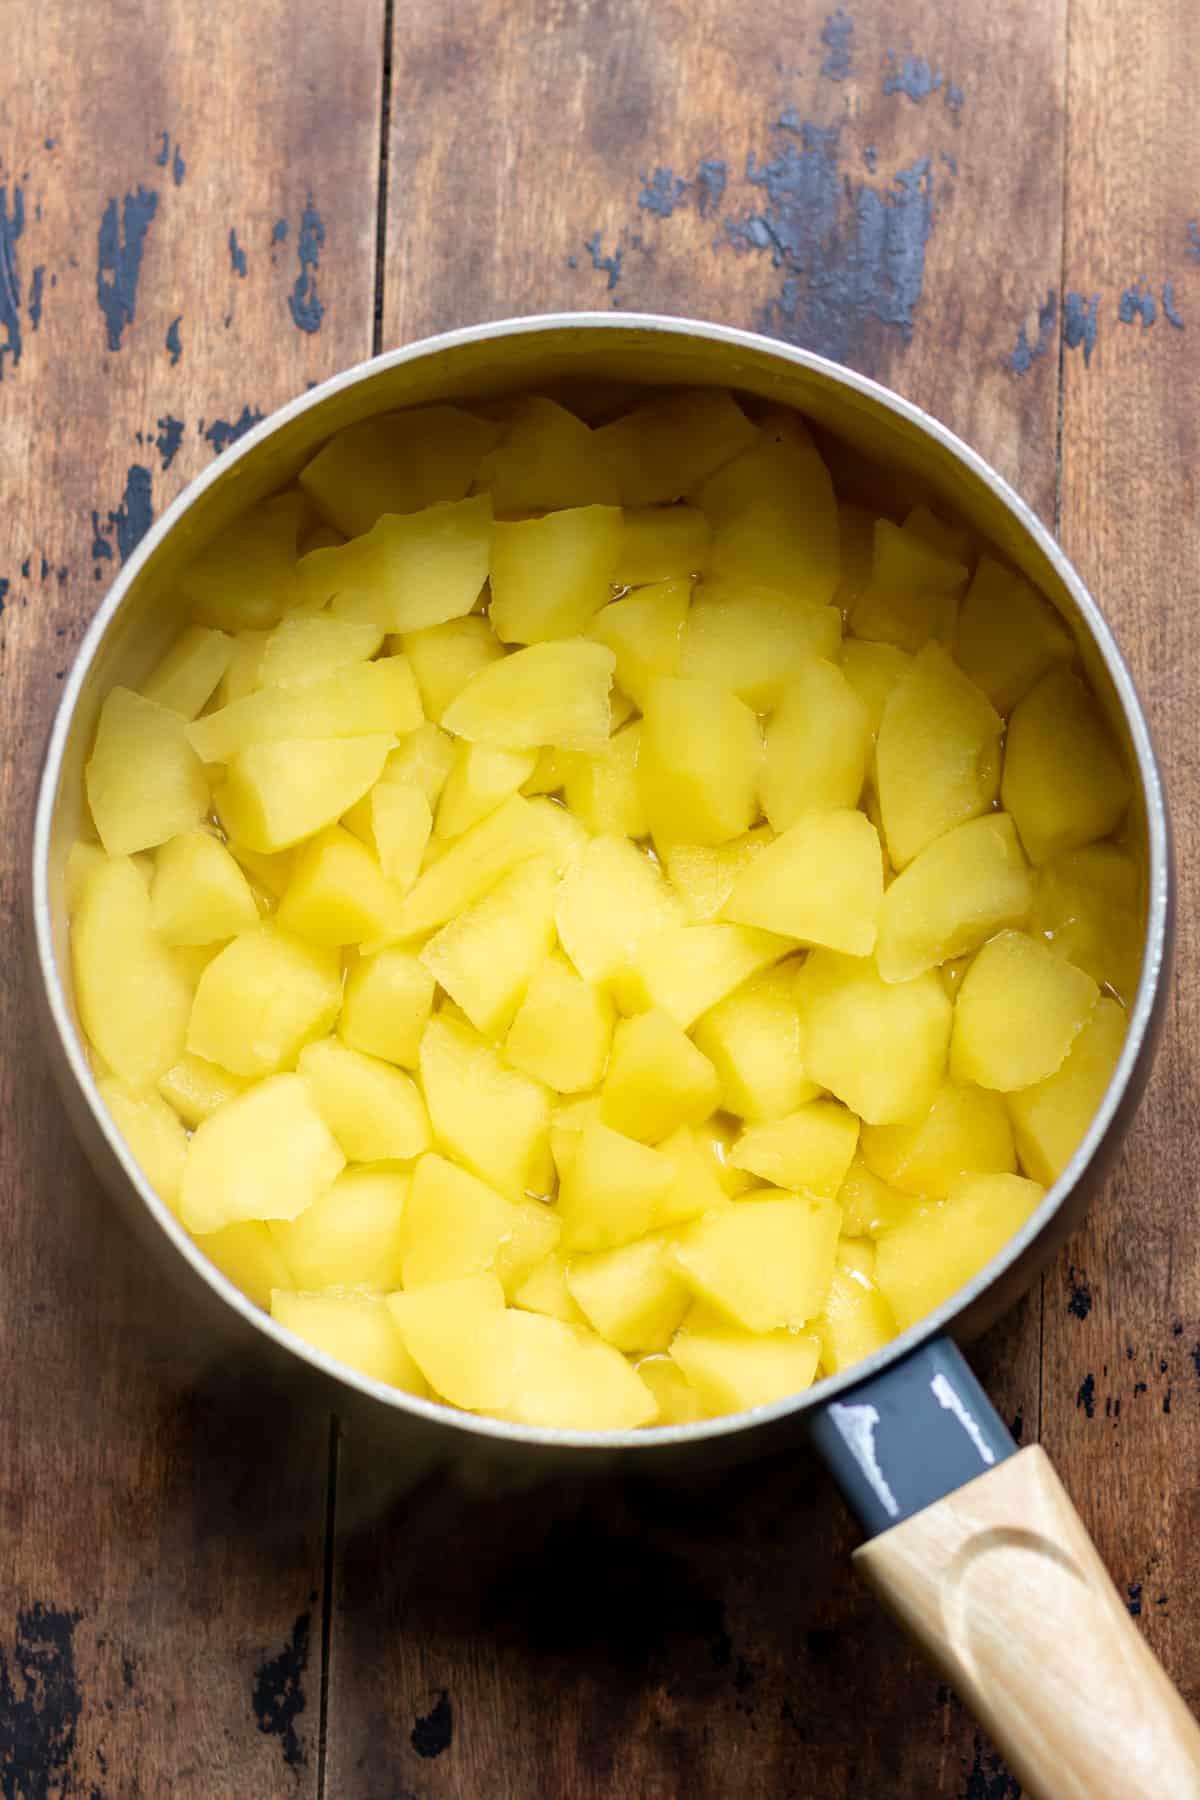 Cooking applesauce.